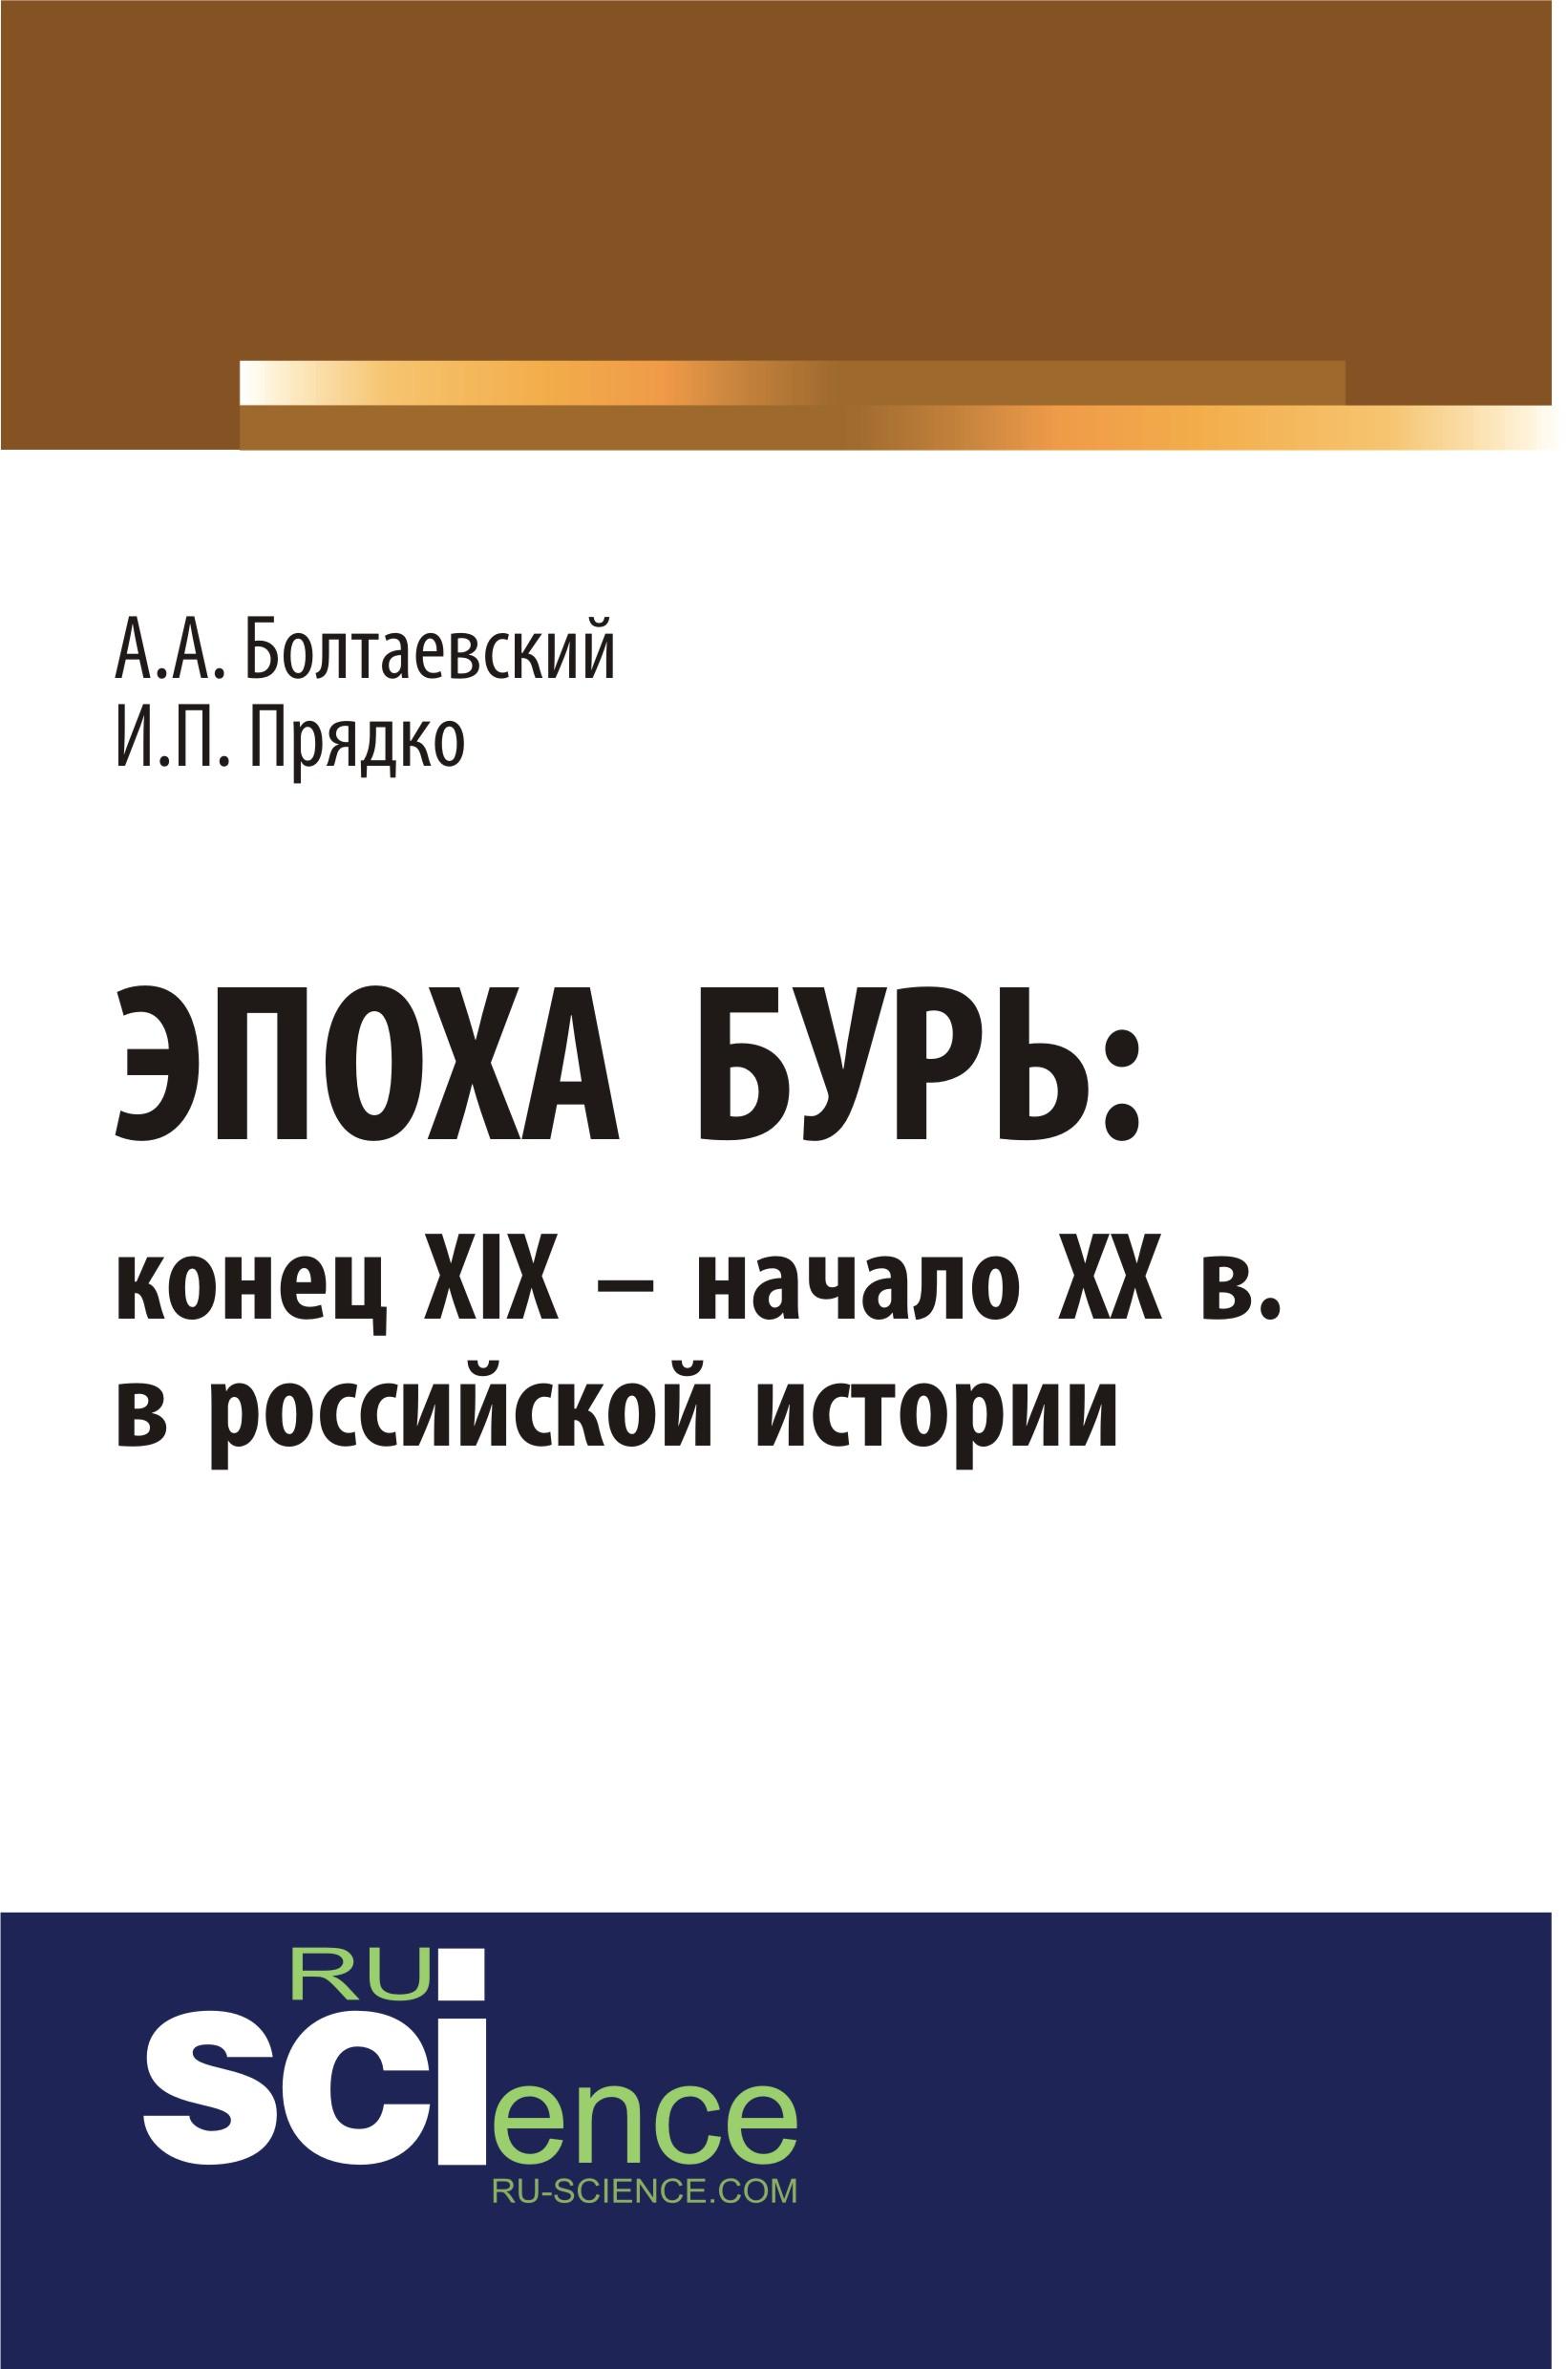 Эпоха бурь: конец XIX – начало XX вв. в российской истории